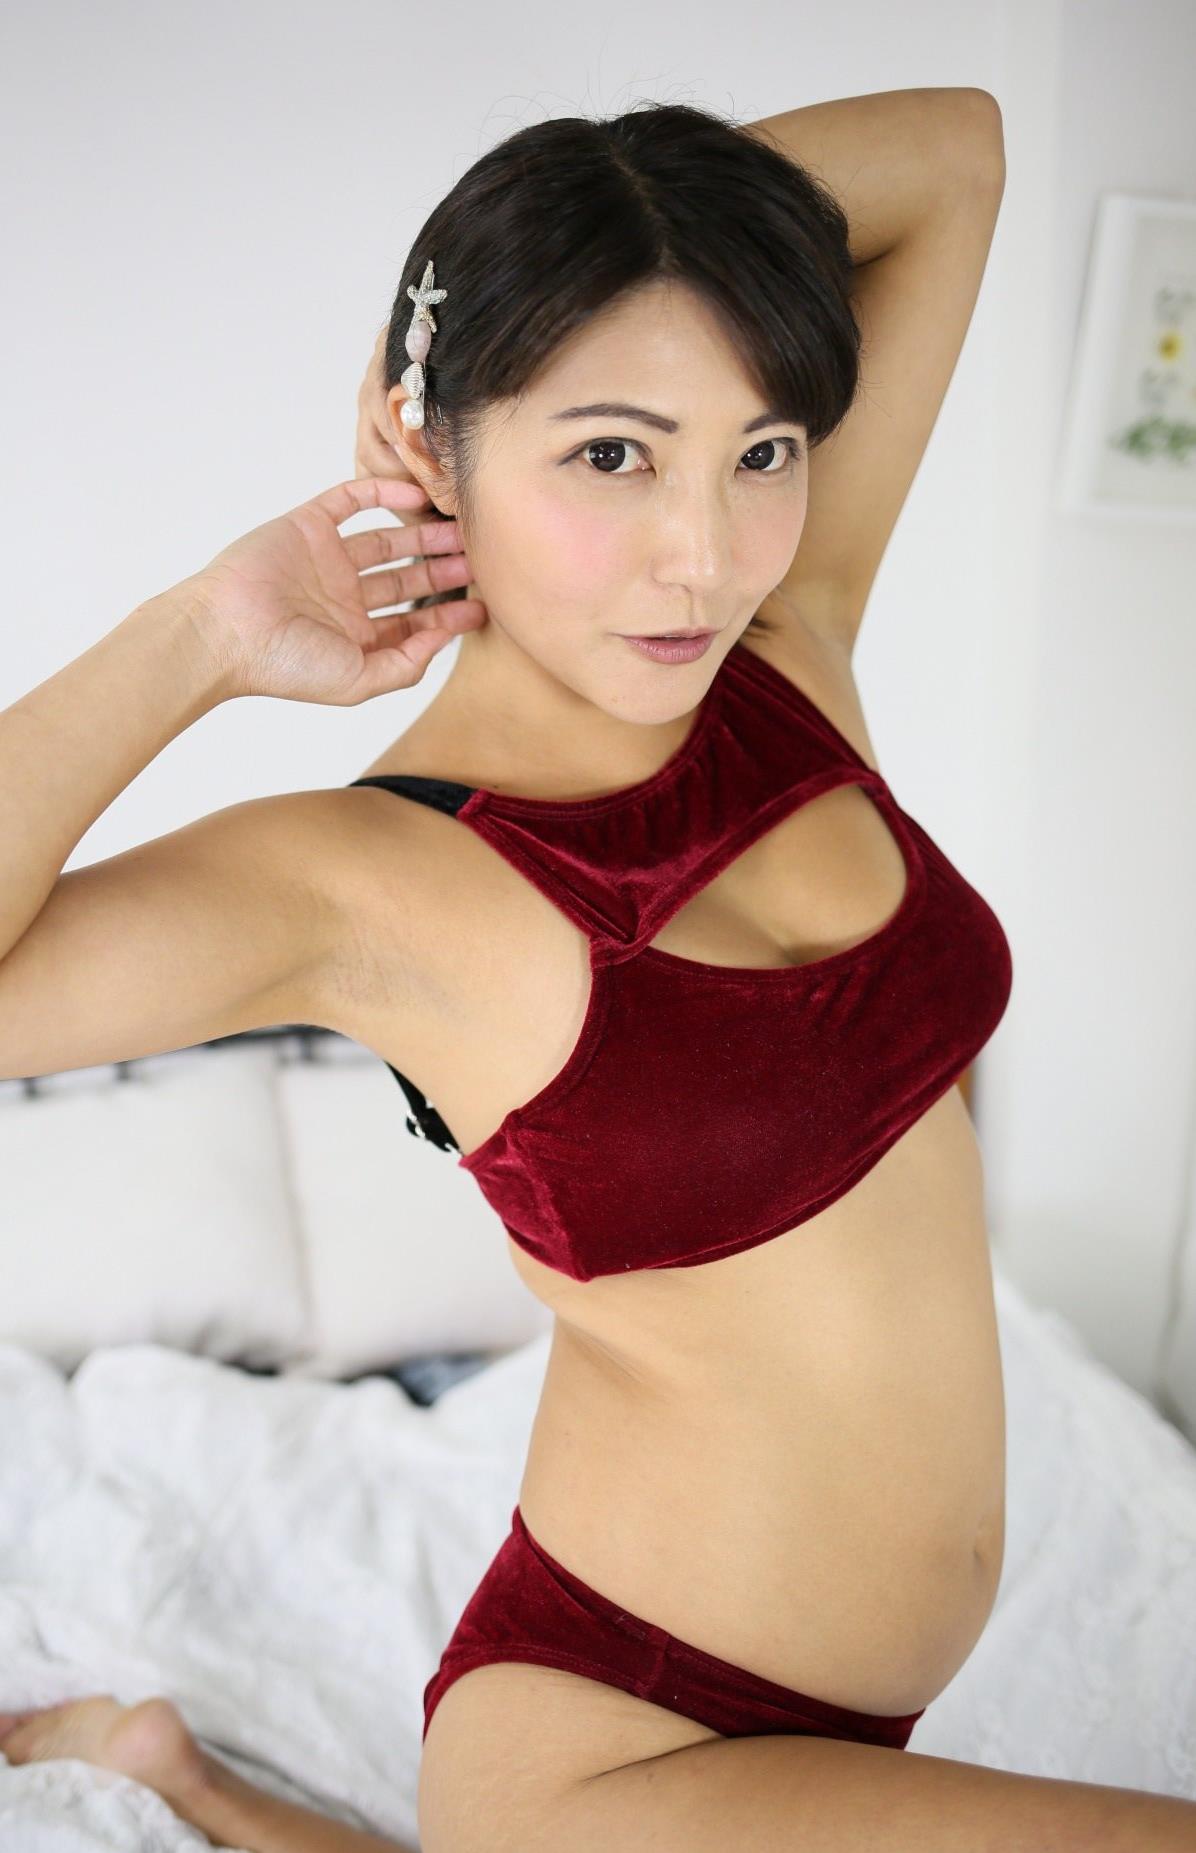 今村知可のジョリ腋 (14)